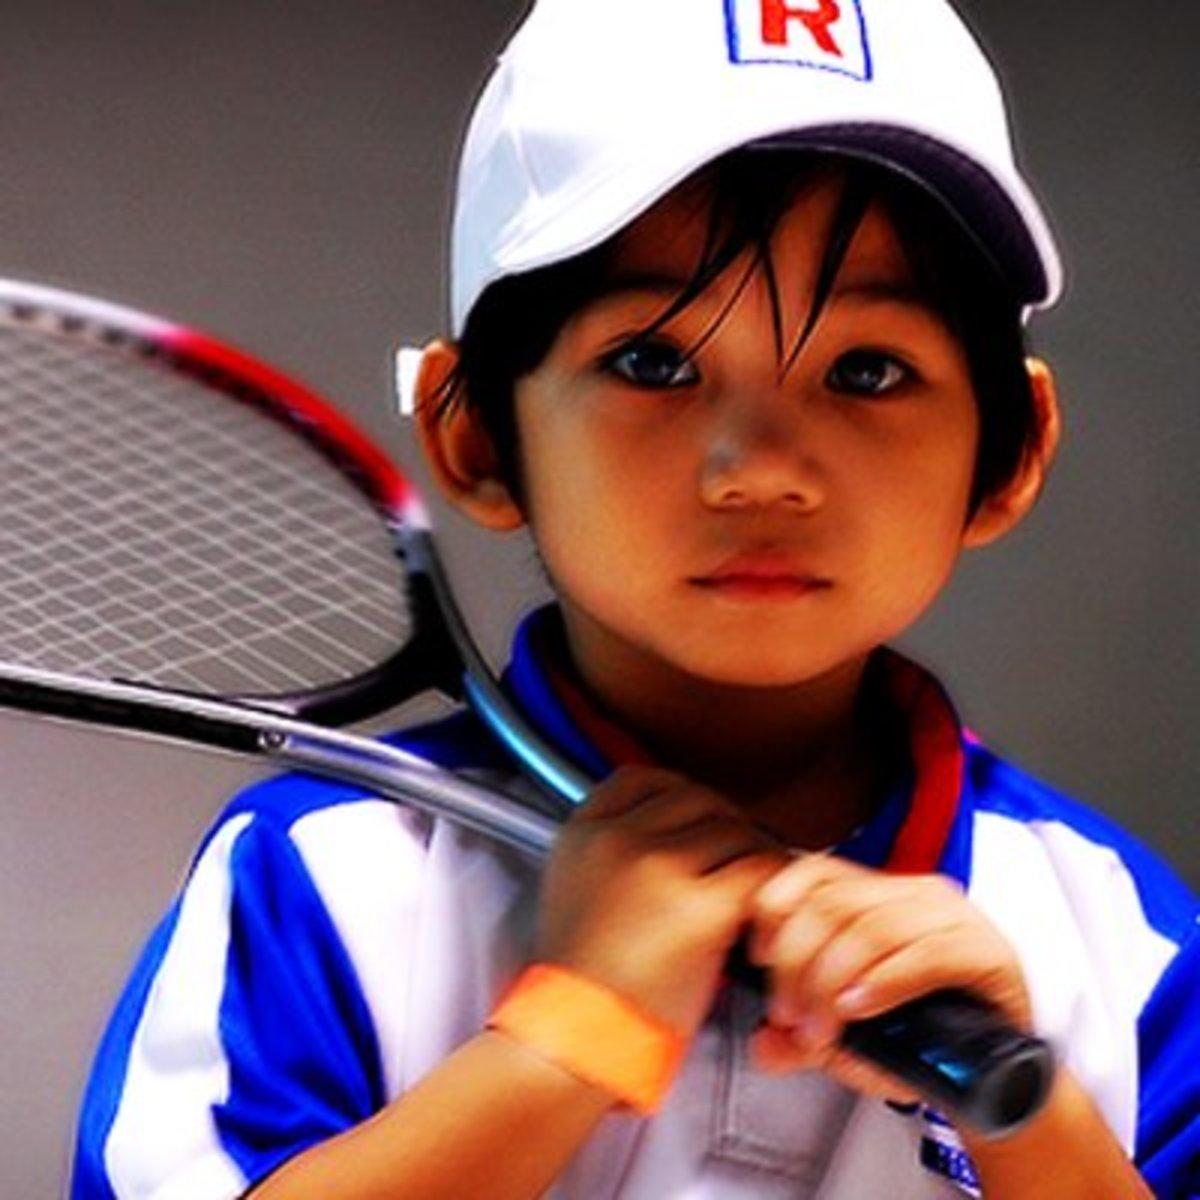 Echizen Ryoma Kid Cosplay